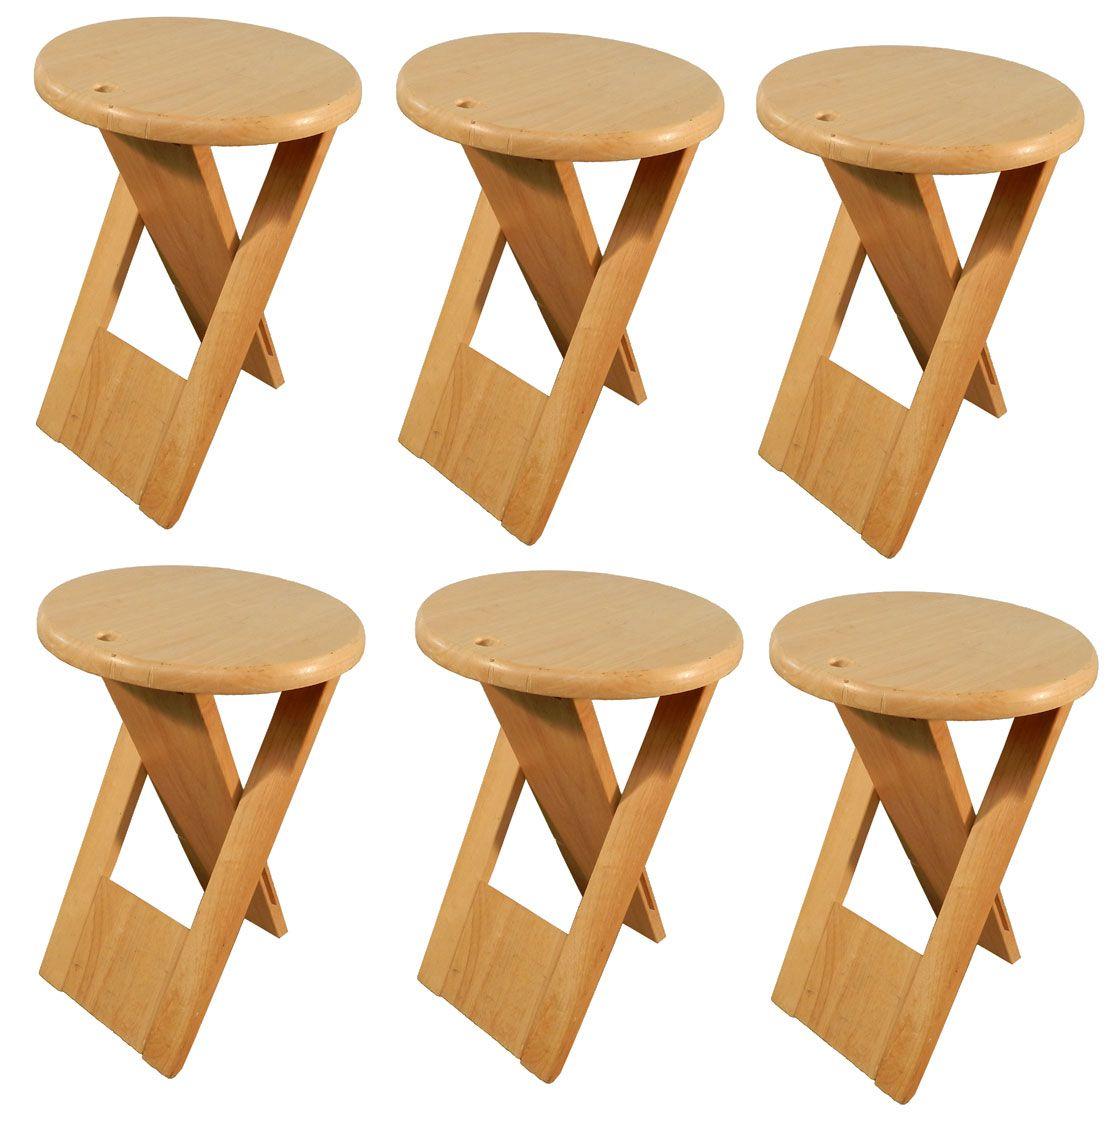 roger tallon sentou diteur vers 1980 suite 6 tabourets pliants en bois la maison bananas. Black Bedroom Furniture Sets. Home Design Ideas